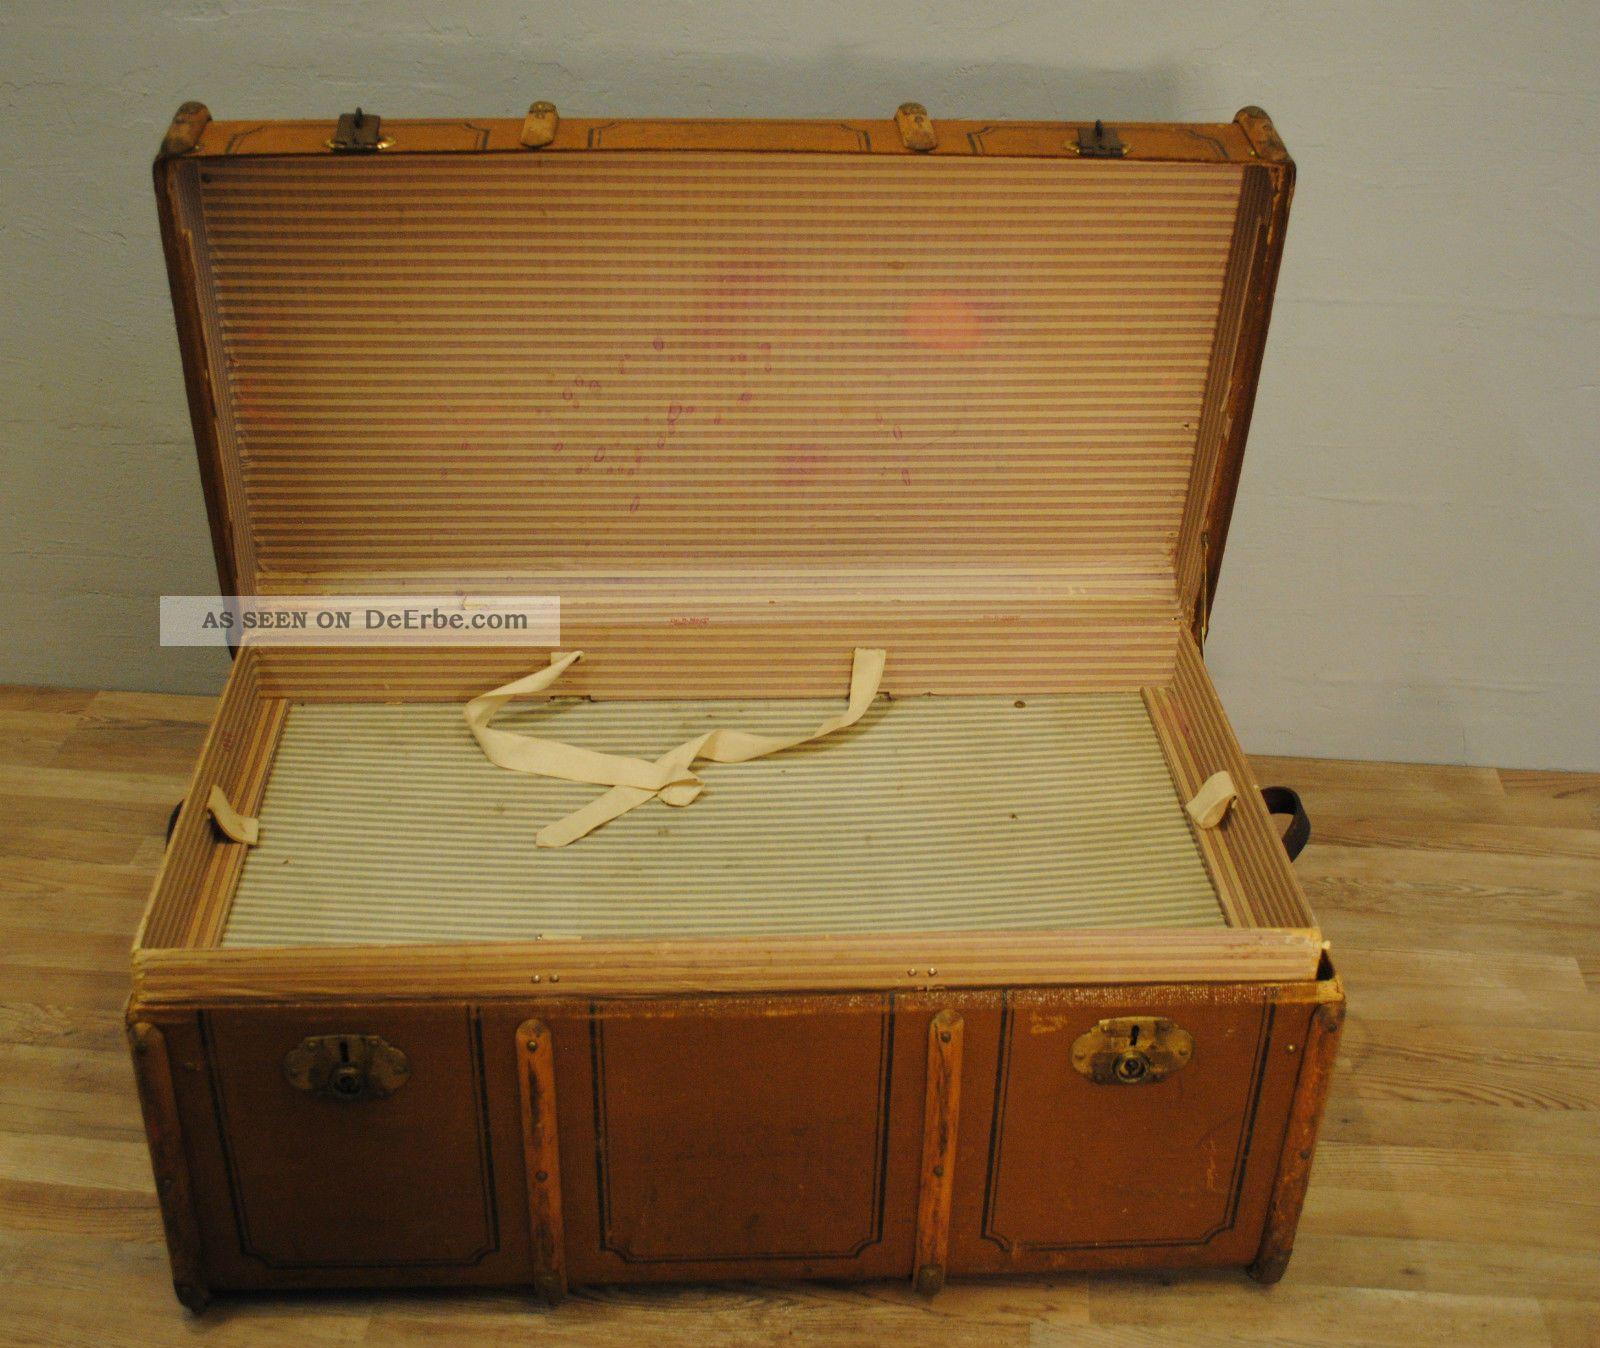 bersee koffer reisekoffer um 1900 l nge 100 cm tiefe 58 cm h he 50 cm. Black Bedroom Furniture Sets. Home Design Ideas